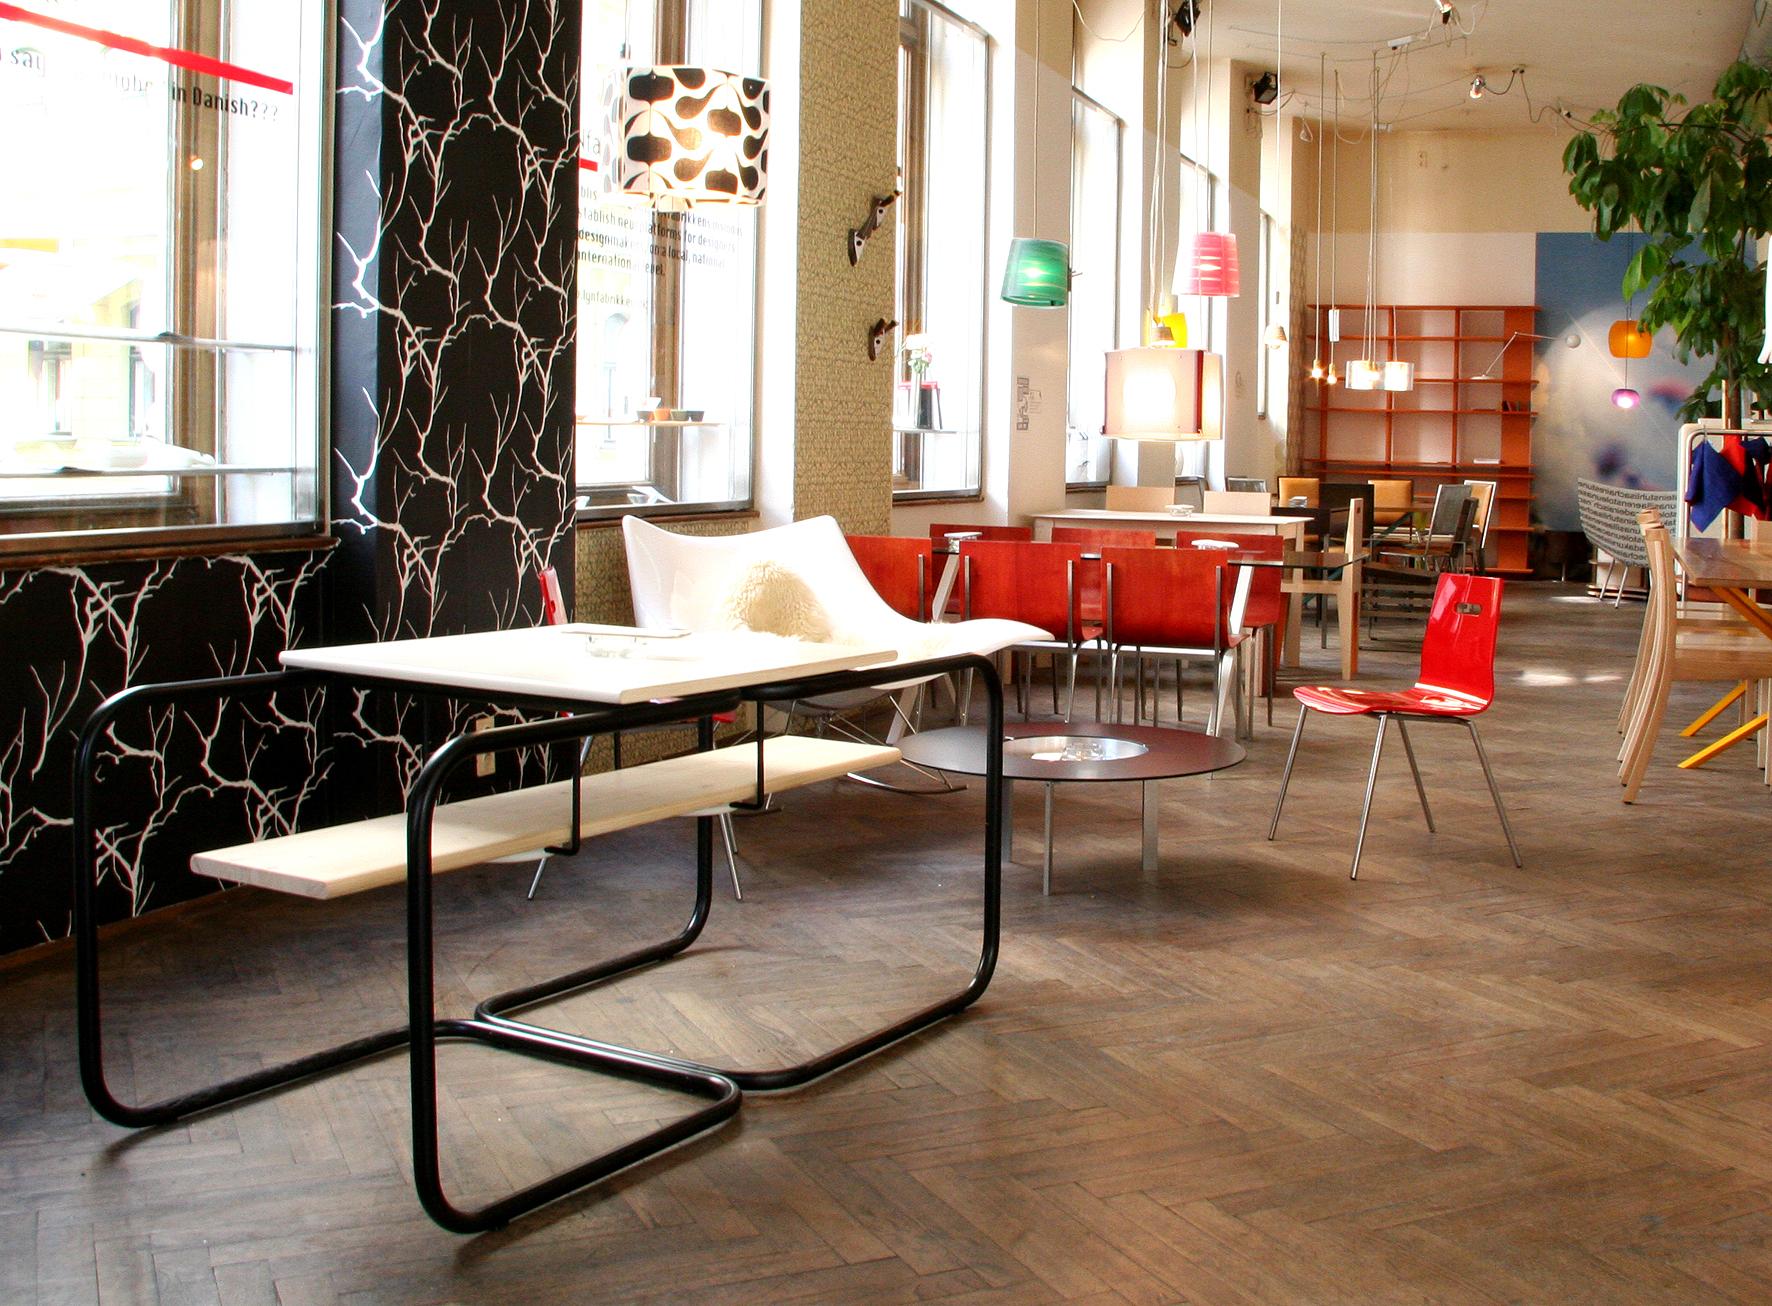 Das Moebel Cafe 3to2.jpeg